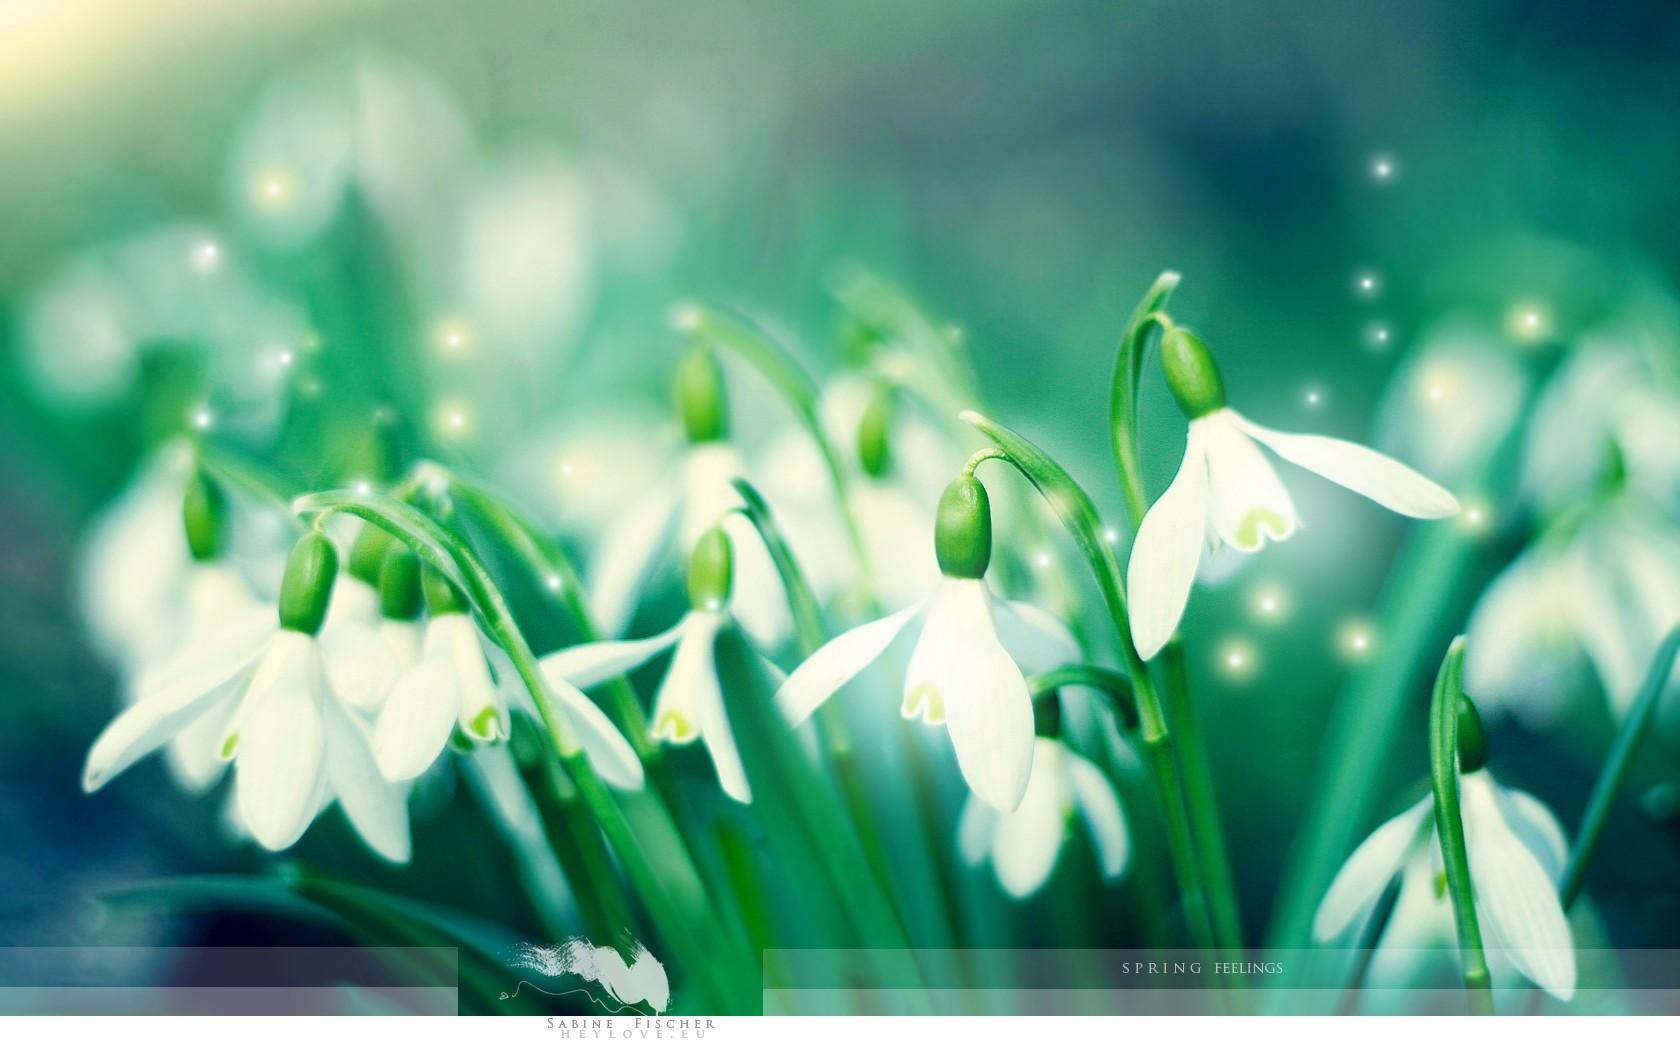 18289 скачать обои Растения, Цветы, Фон, Подснежники - заставки и картинки бесплатно